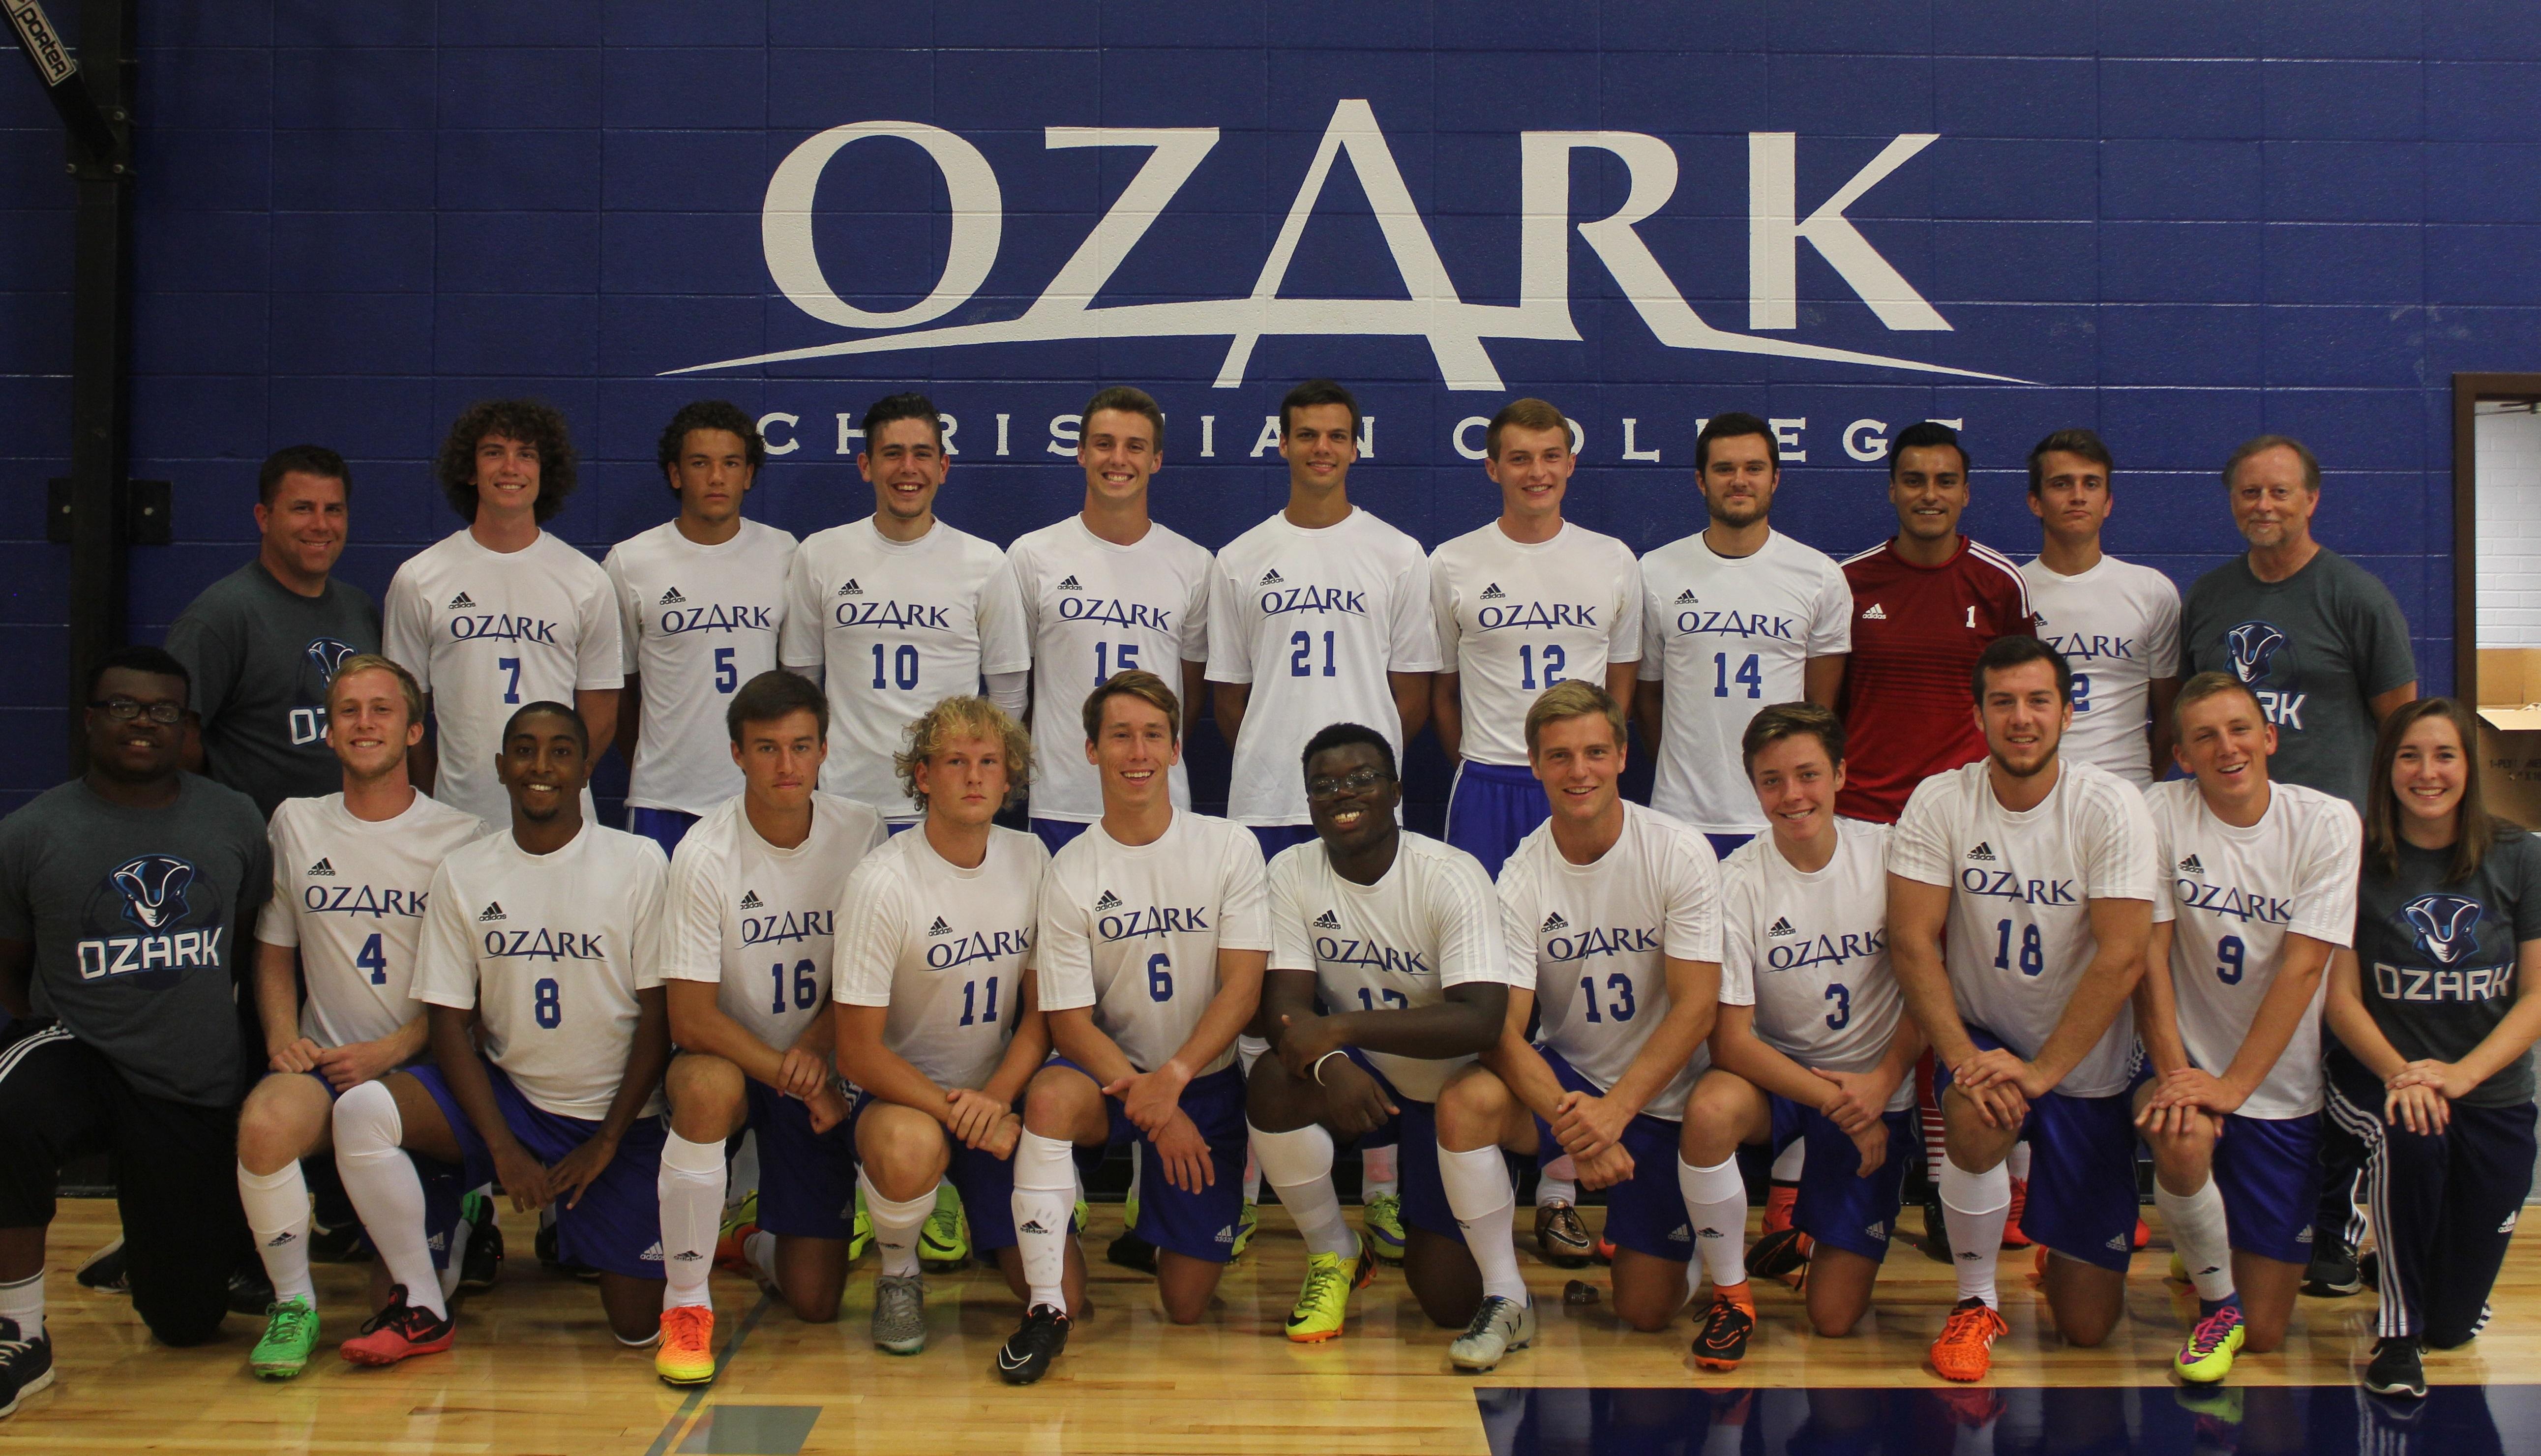 Men's Soccer Team 2015